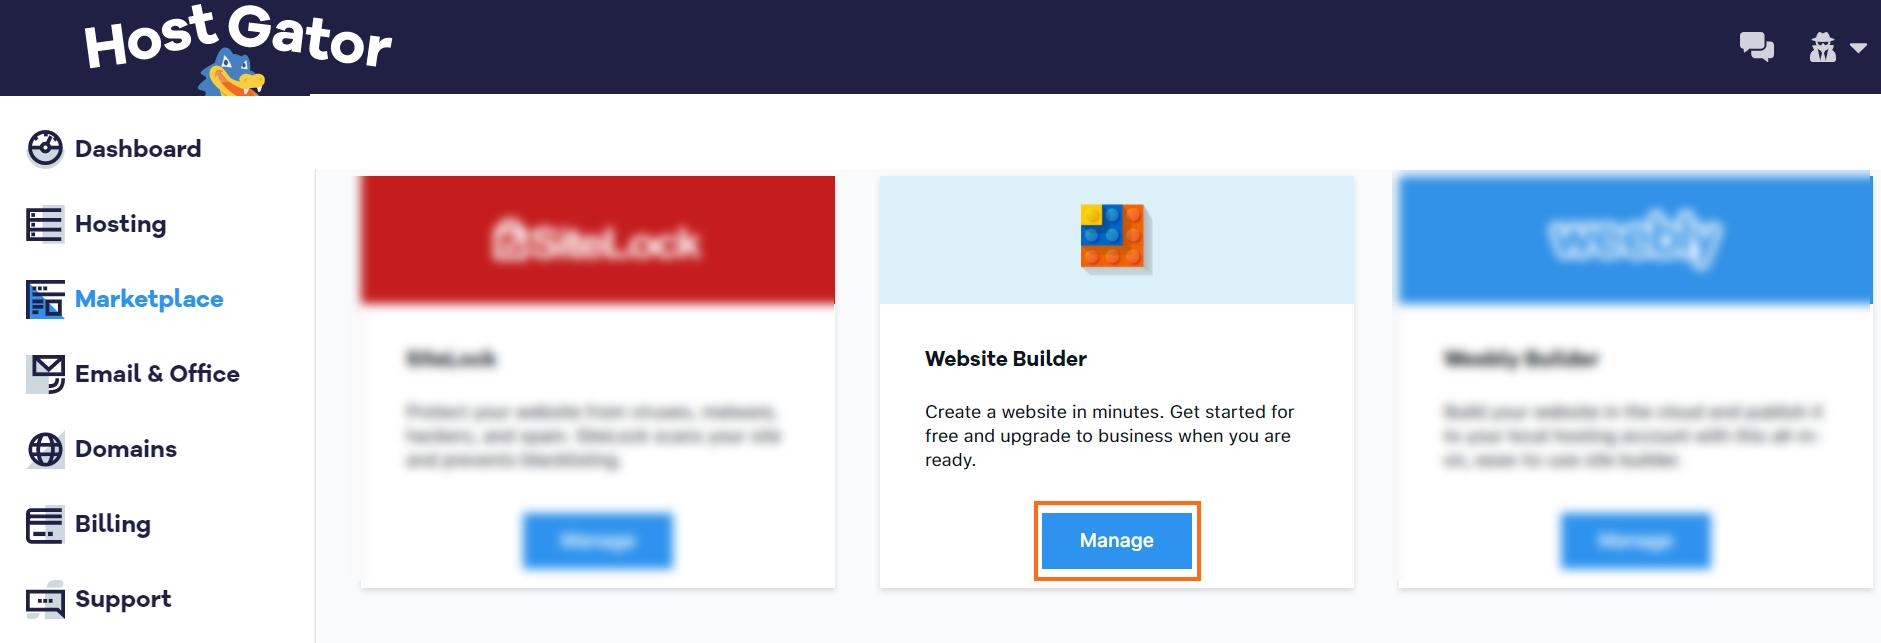 Website Builder - Mobile Editing | HostGator Support